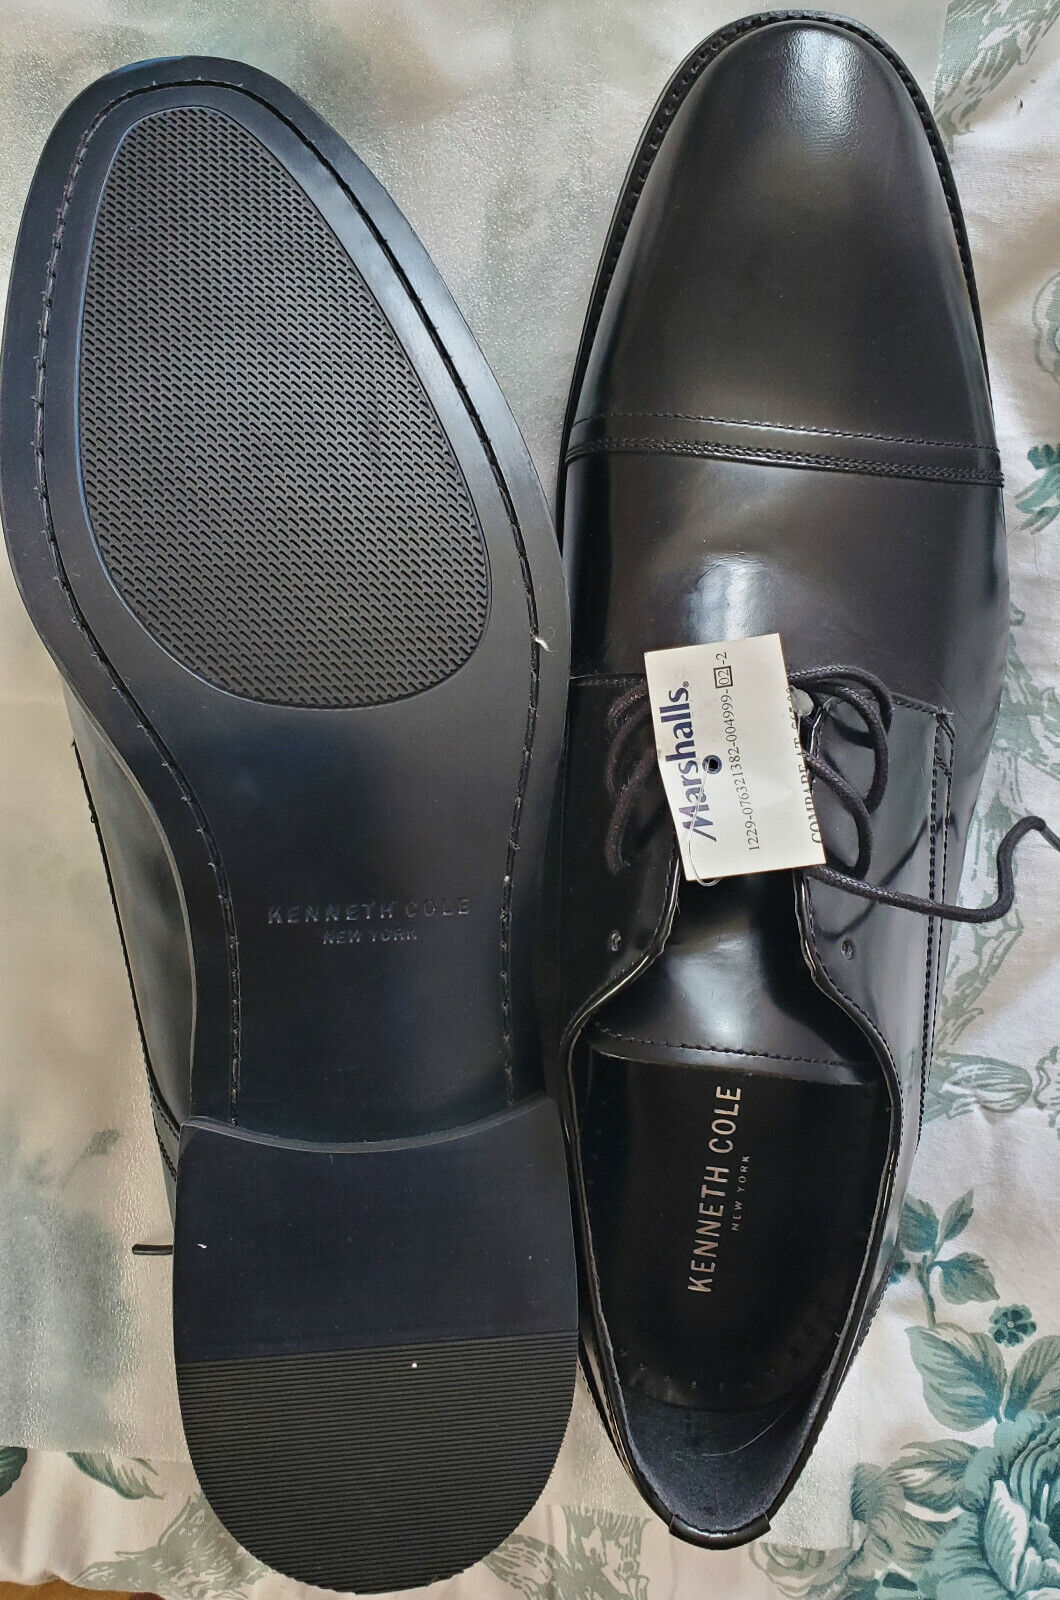 Kenneth Cole Men's Black dress Shoes SIZE 13